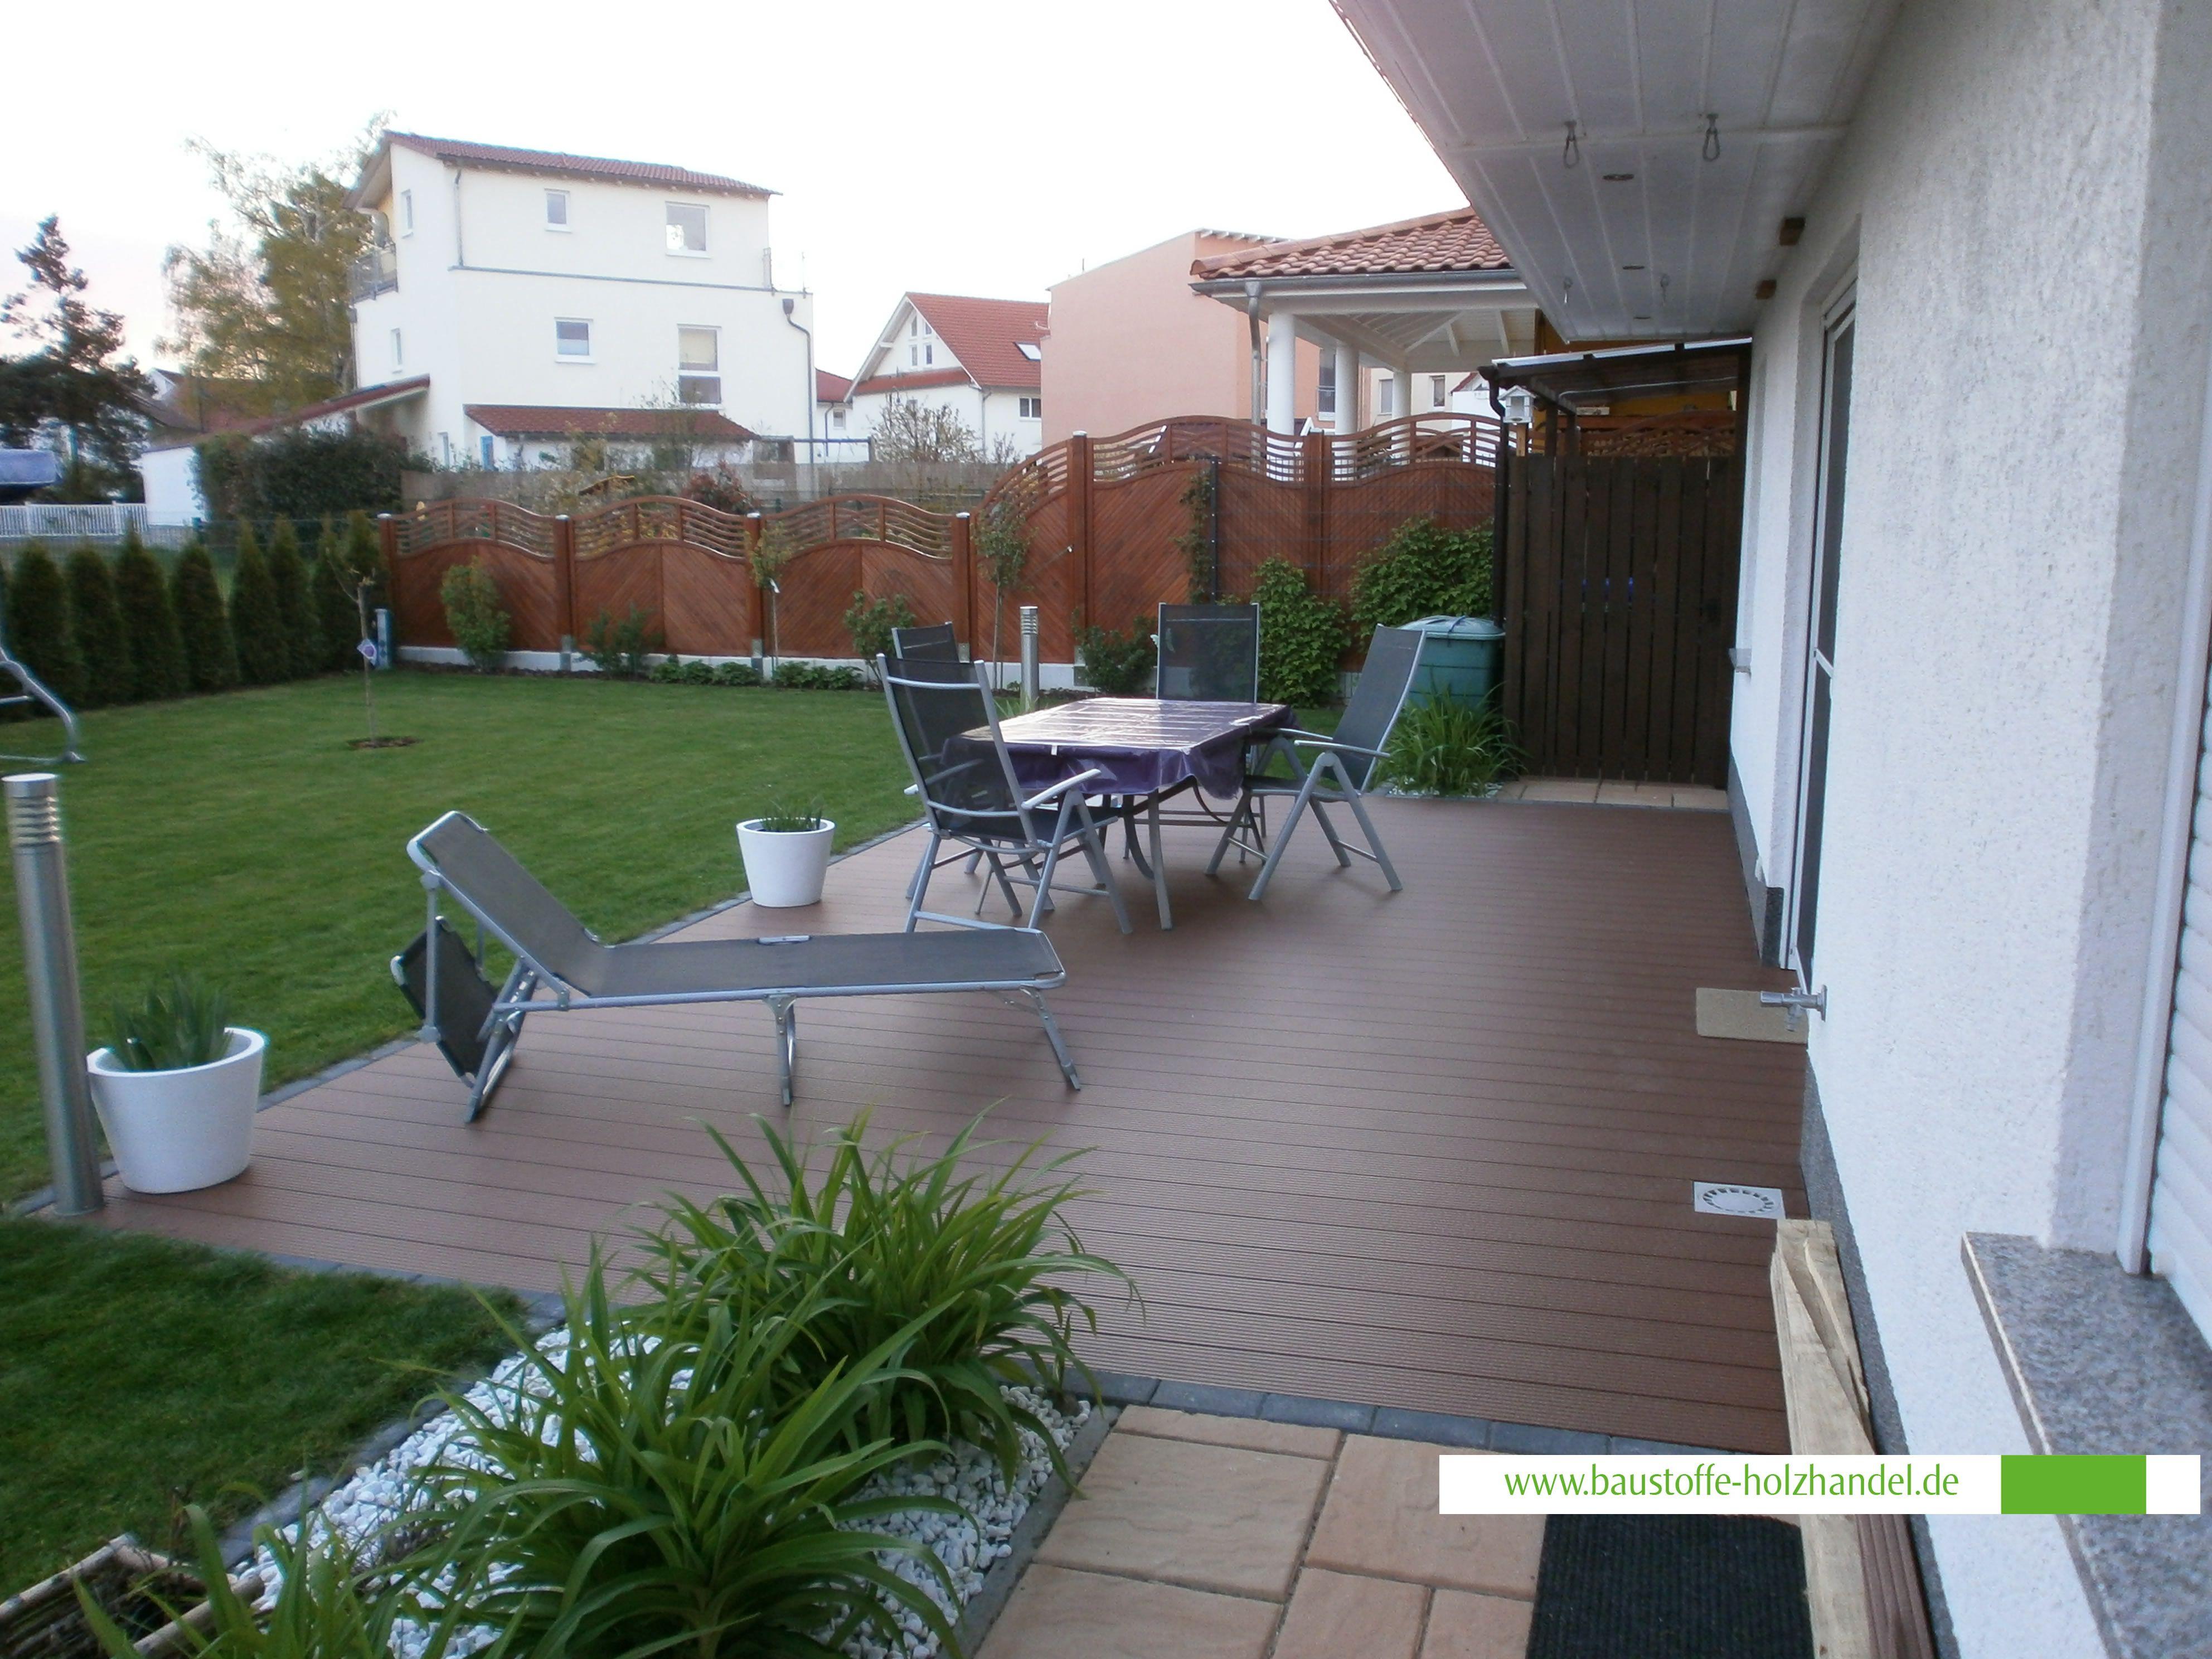 Upm Profi Design Deck 150 In Herbstbraun Garten Terrassen Aus Upm